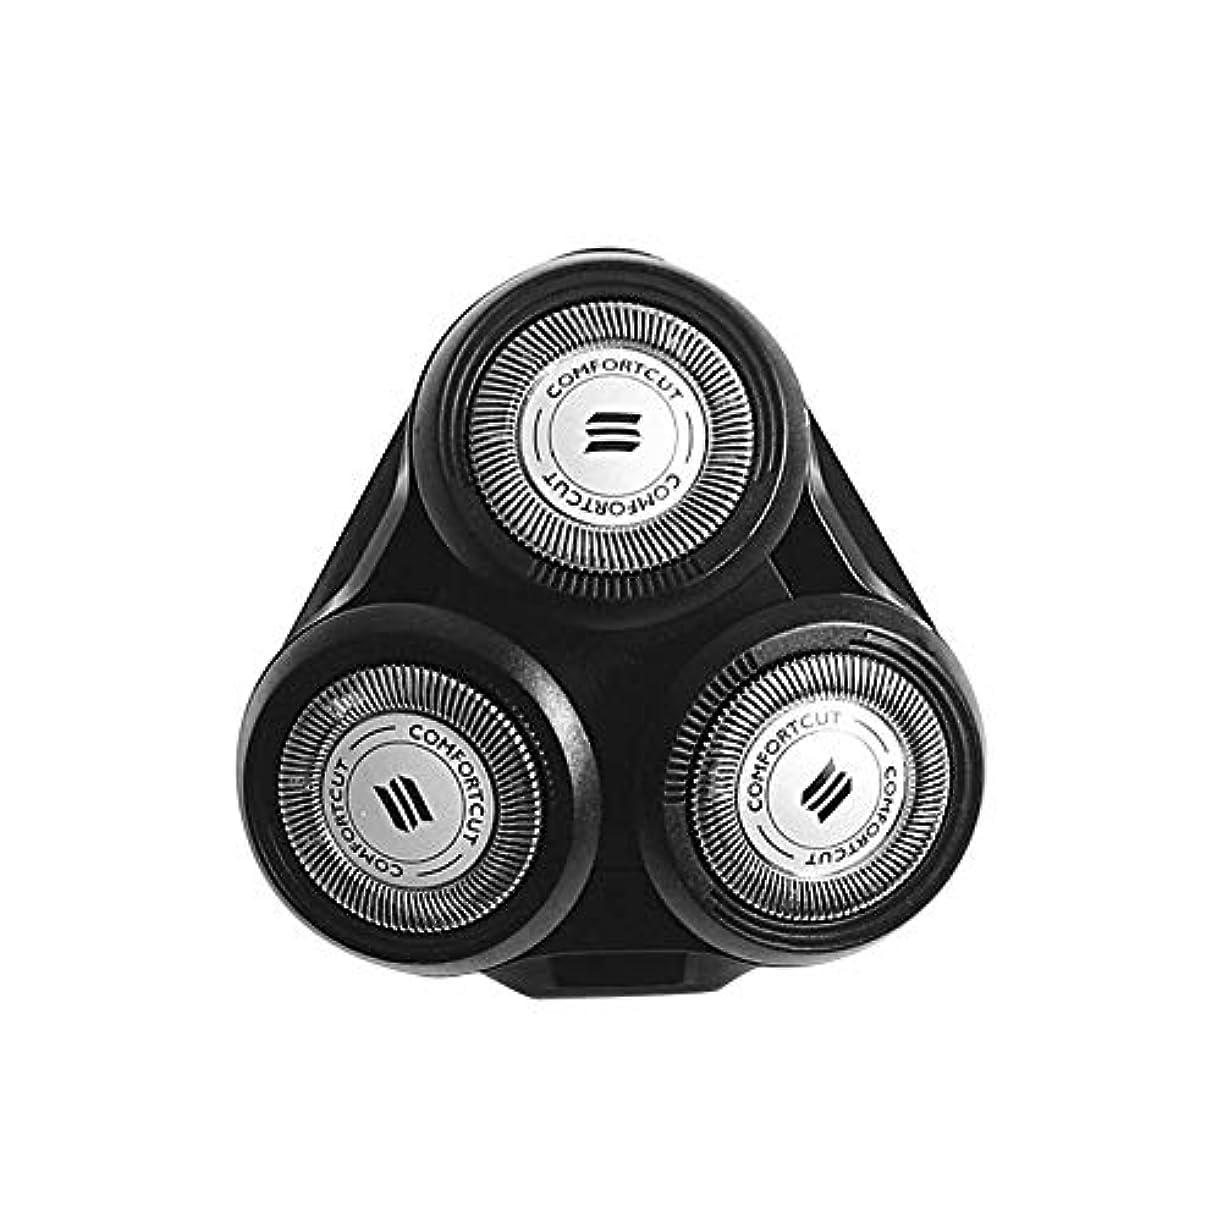 隔離する安全口径シェービングヘッド、電気シェーバー交換ヘッド、フィリップスシェービングヘッド用交換ヘッド、モデルS5000 SH70 SH90 RQ10 RQ11 RQ12と互換性あり